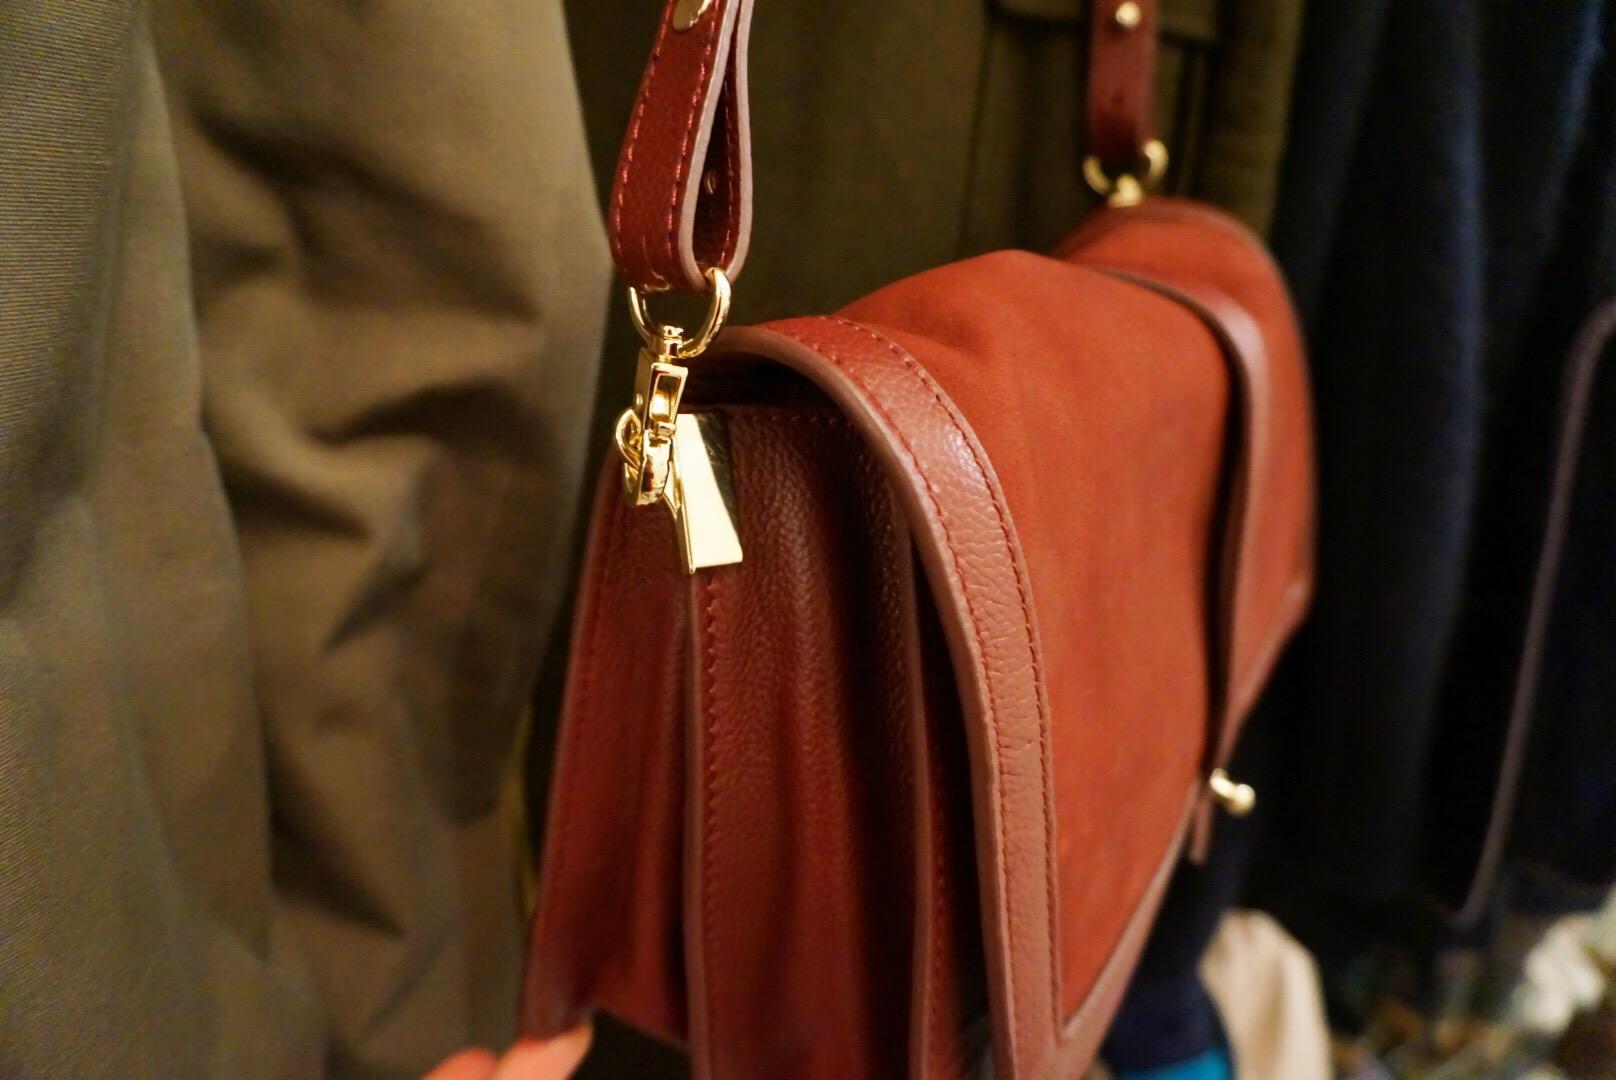 vinröd väska